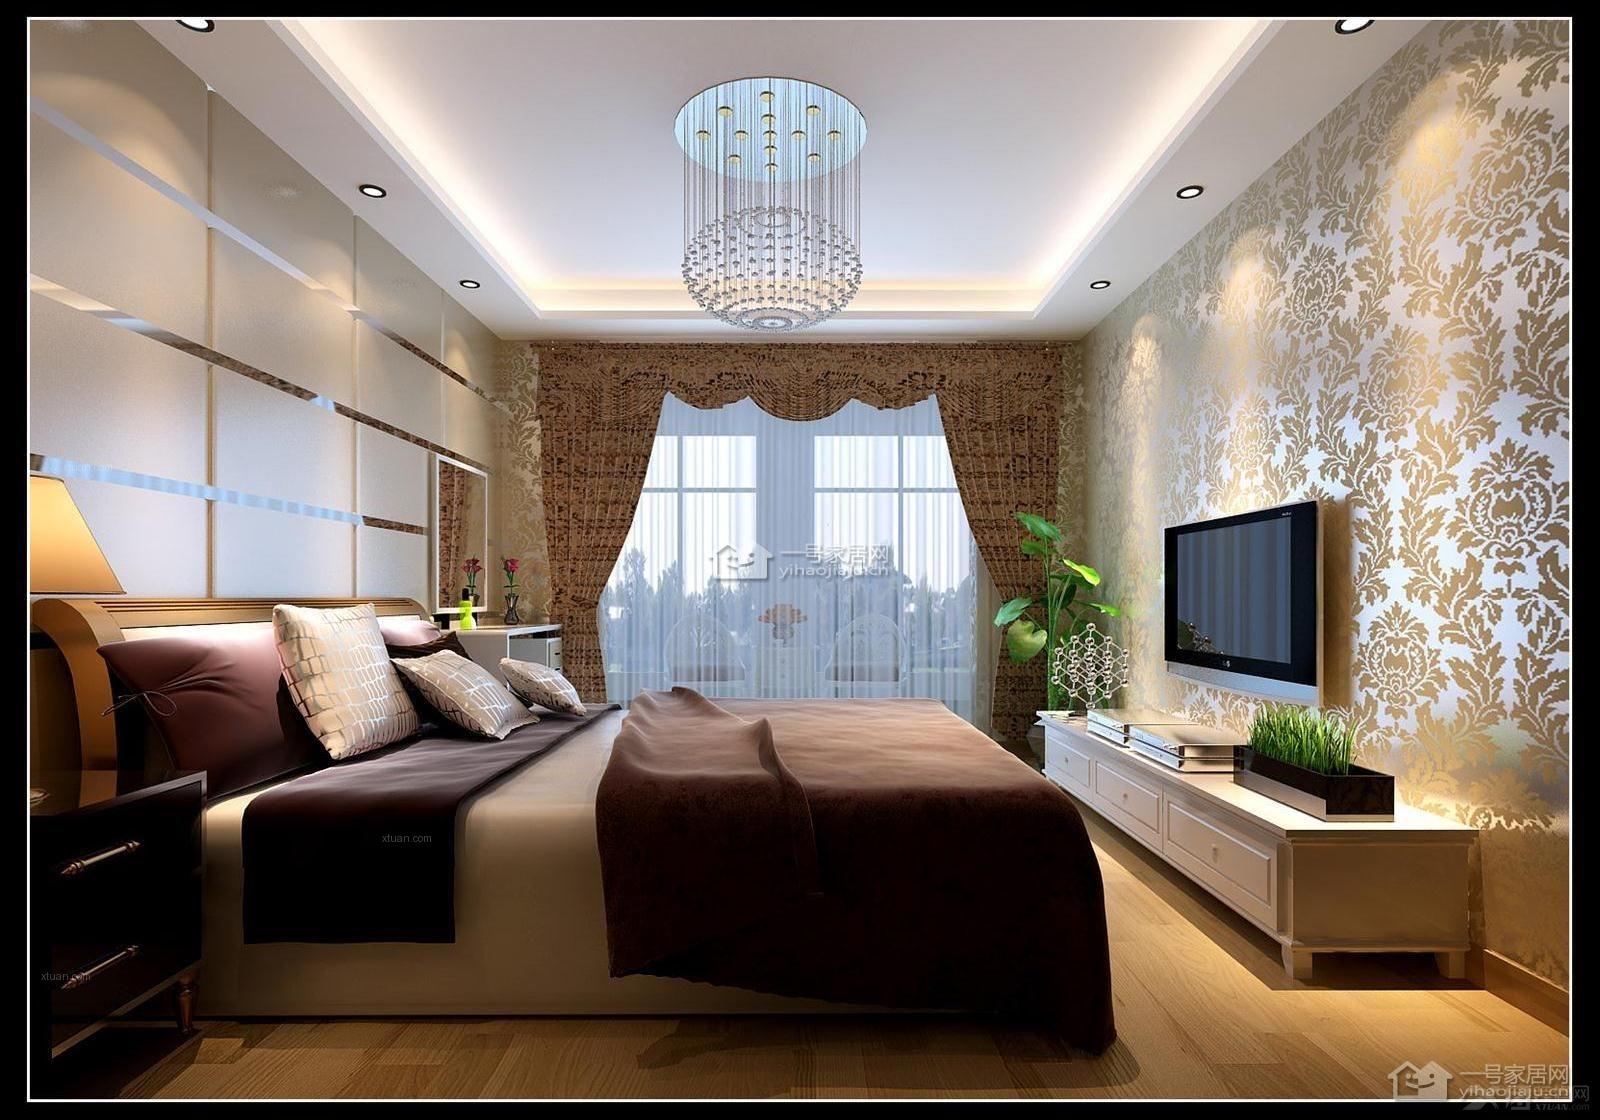 四居室美式风格主卧室电视背景墙图片